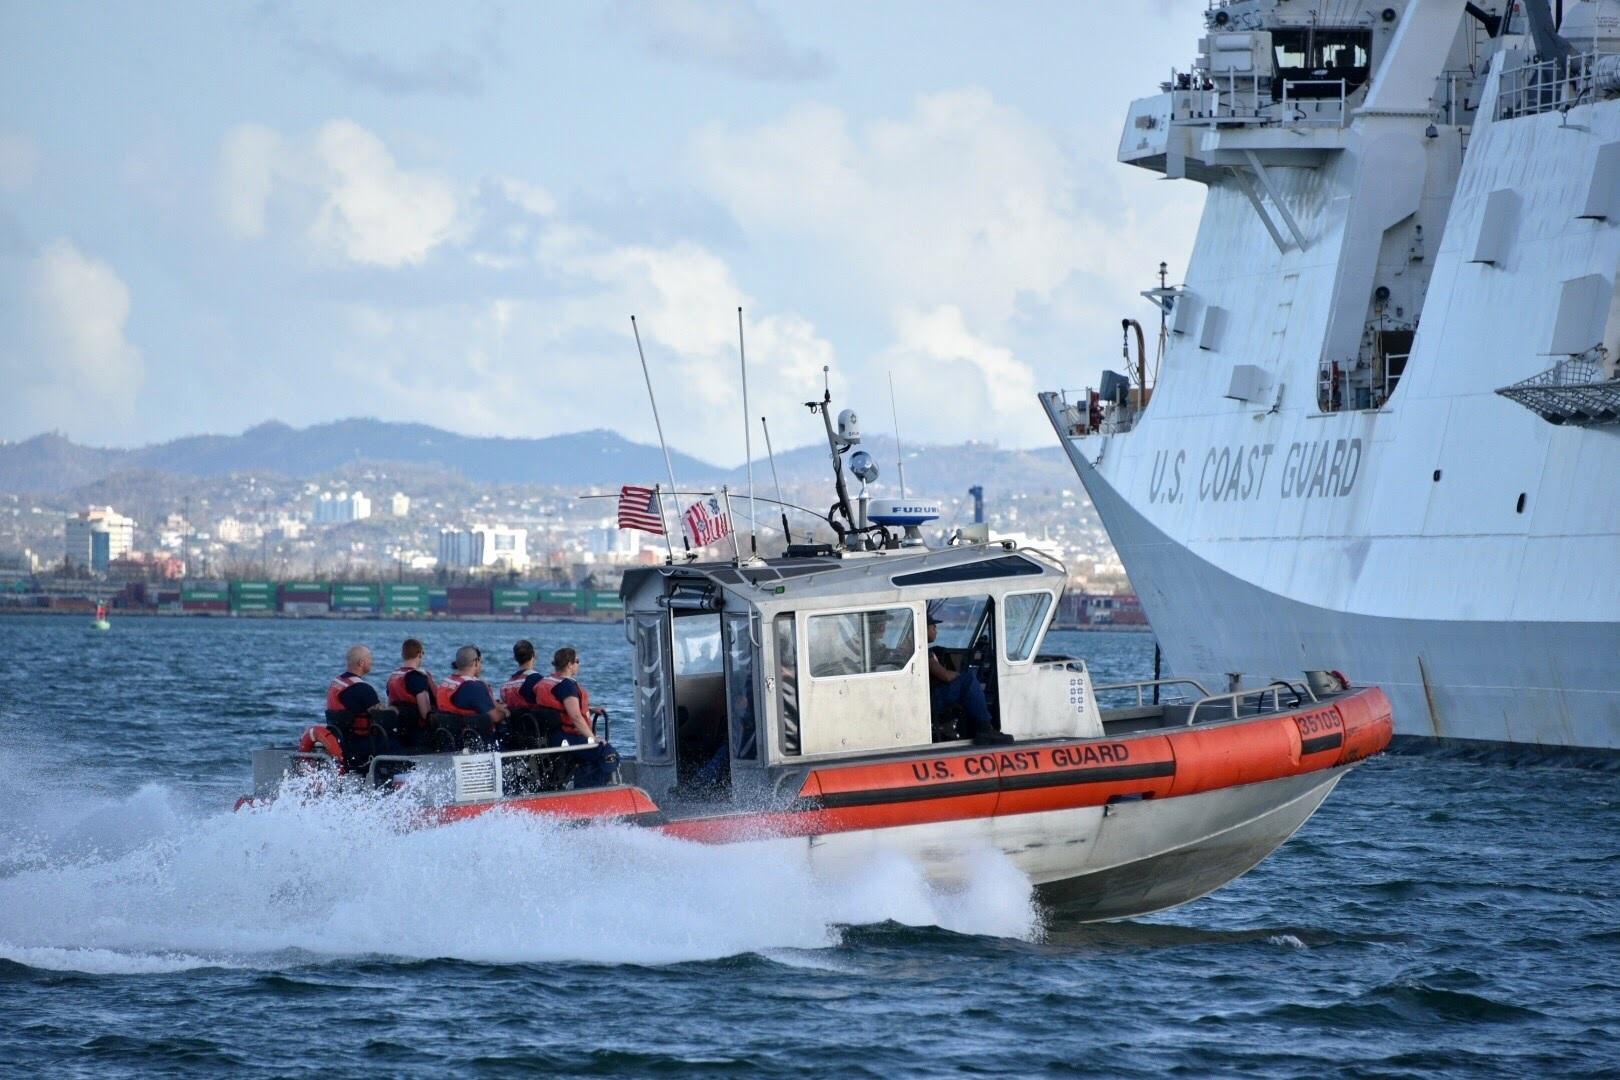 Coast Guard Cutter James, Boat, Cutter, Personnel, Vessel, HQ Photo